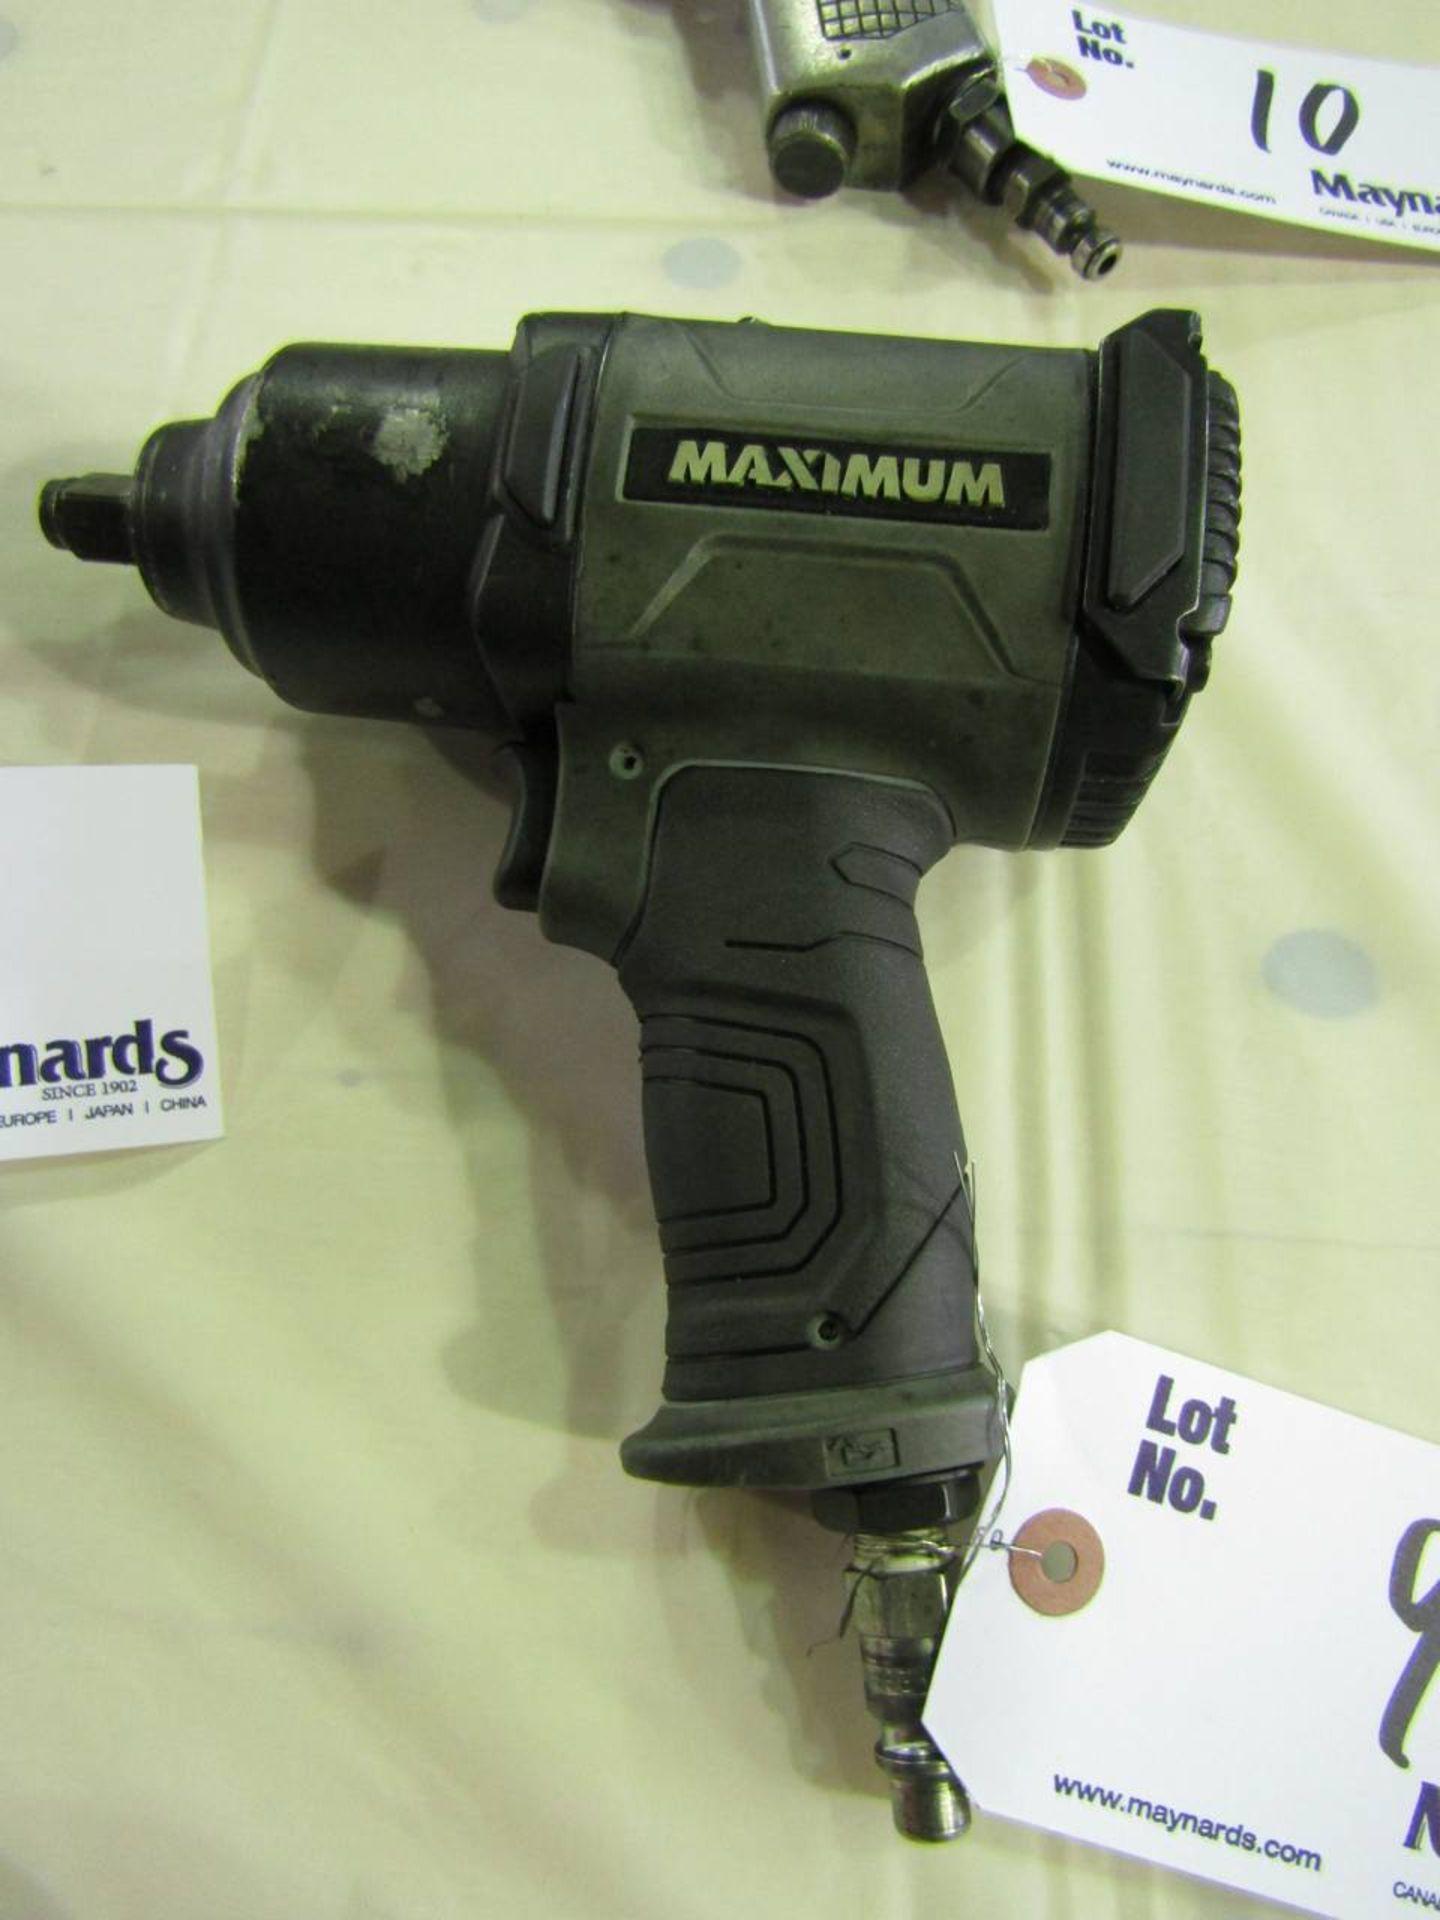 Maximun Impact Wrench